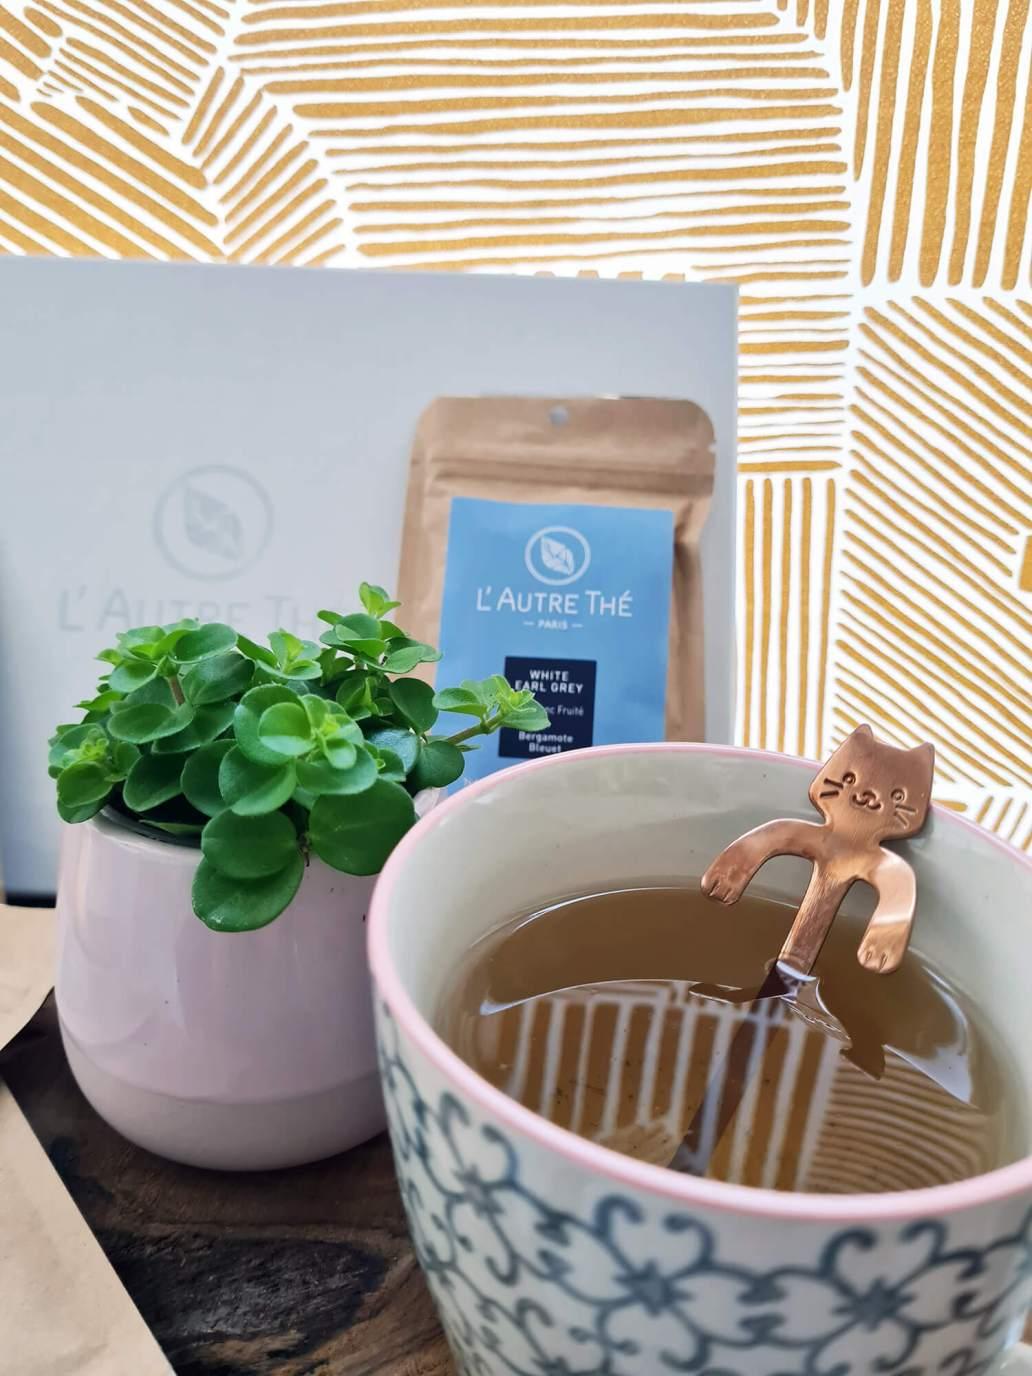 20201105 113700 2 - Un calendrier de l'Avent spécial thé très cosy et bienveillant